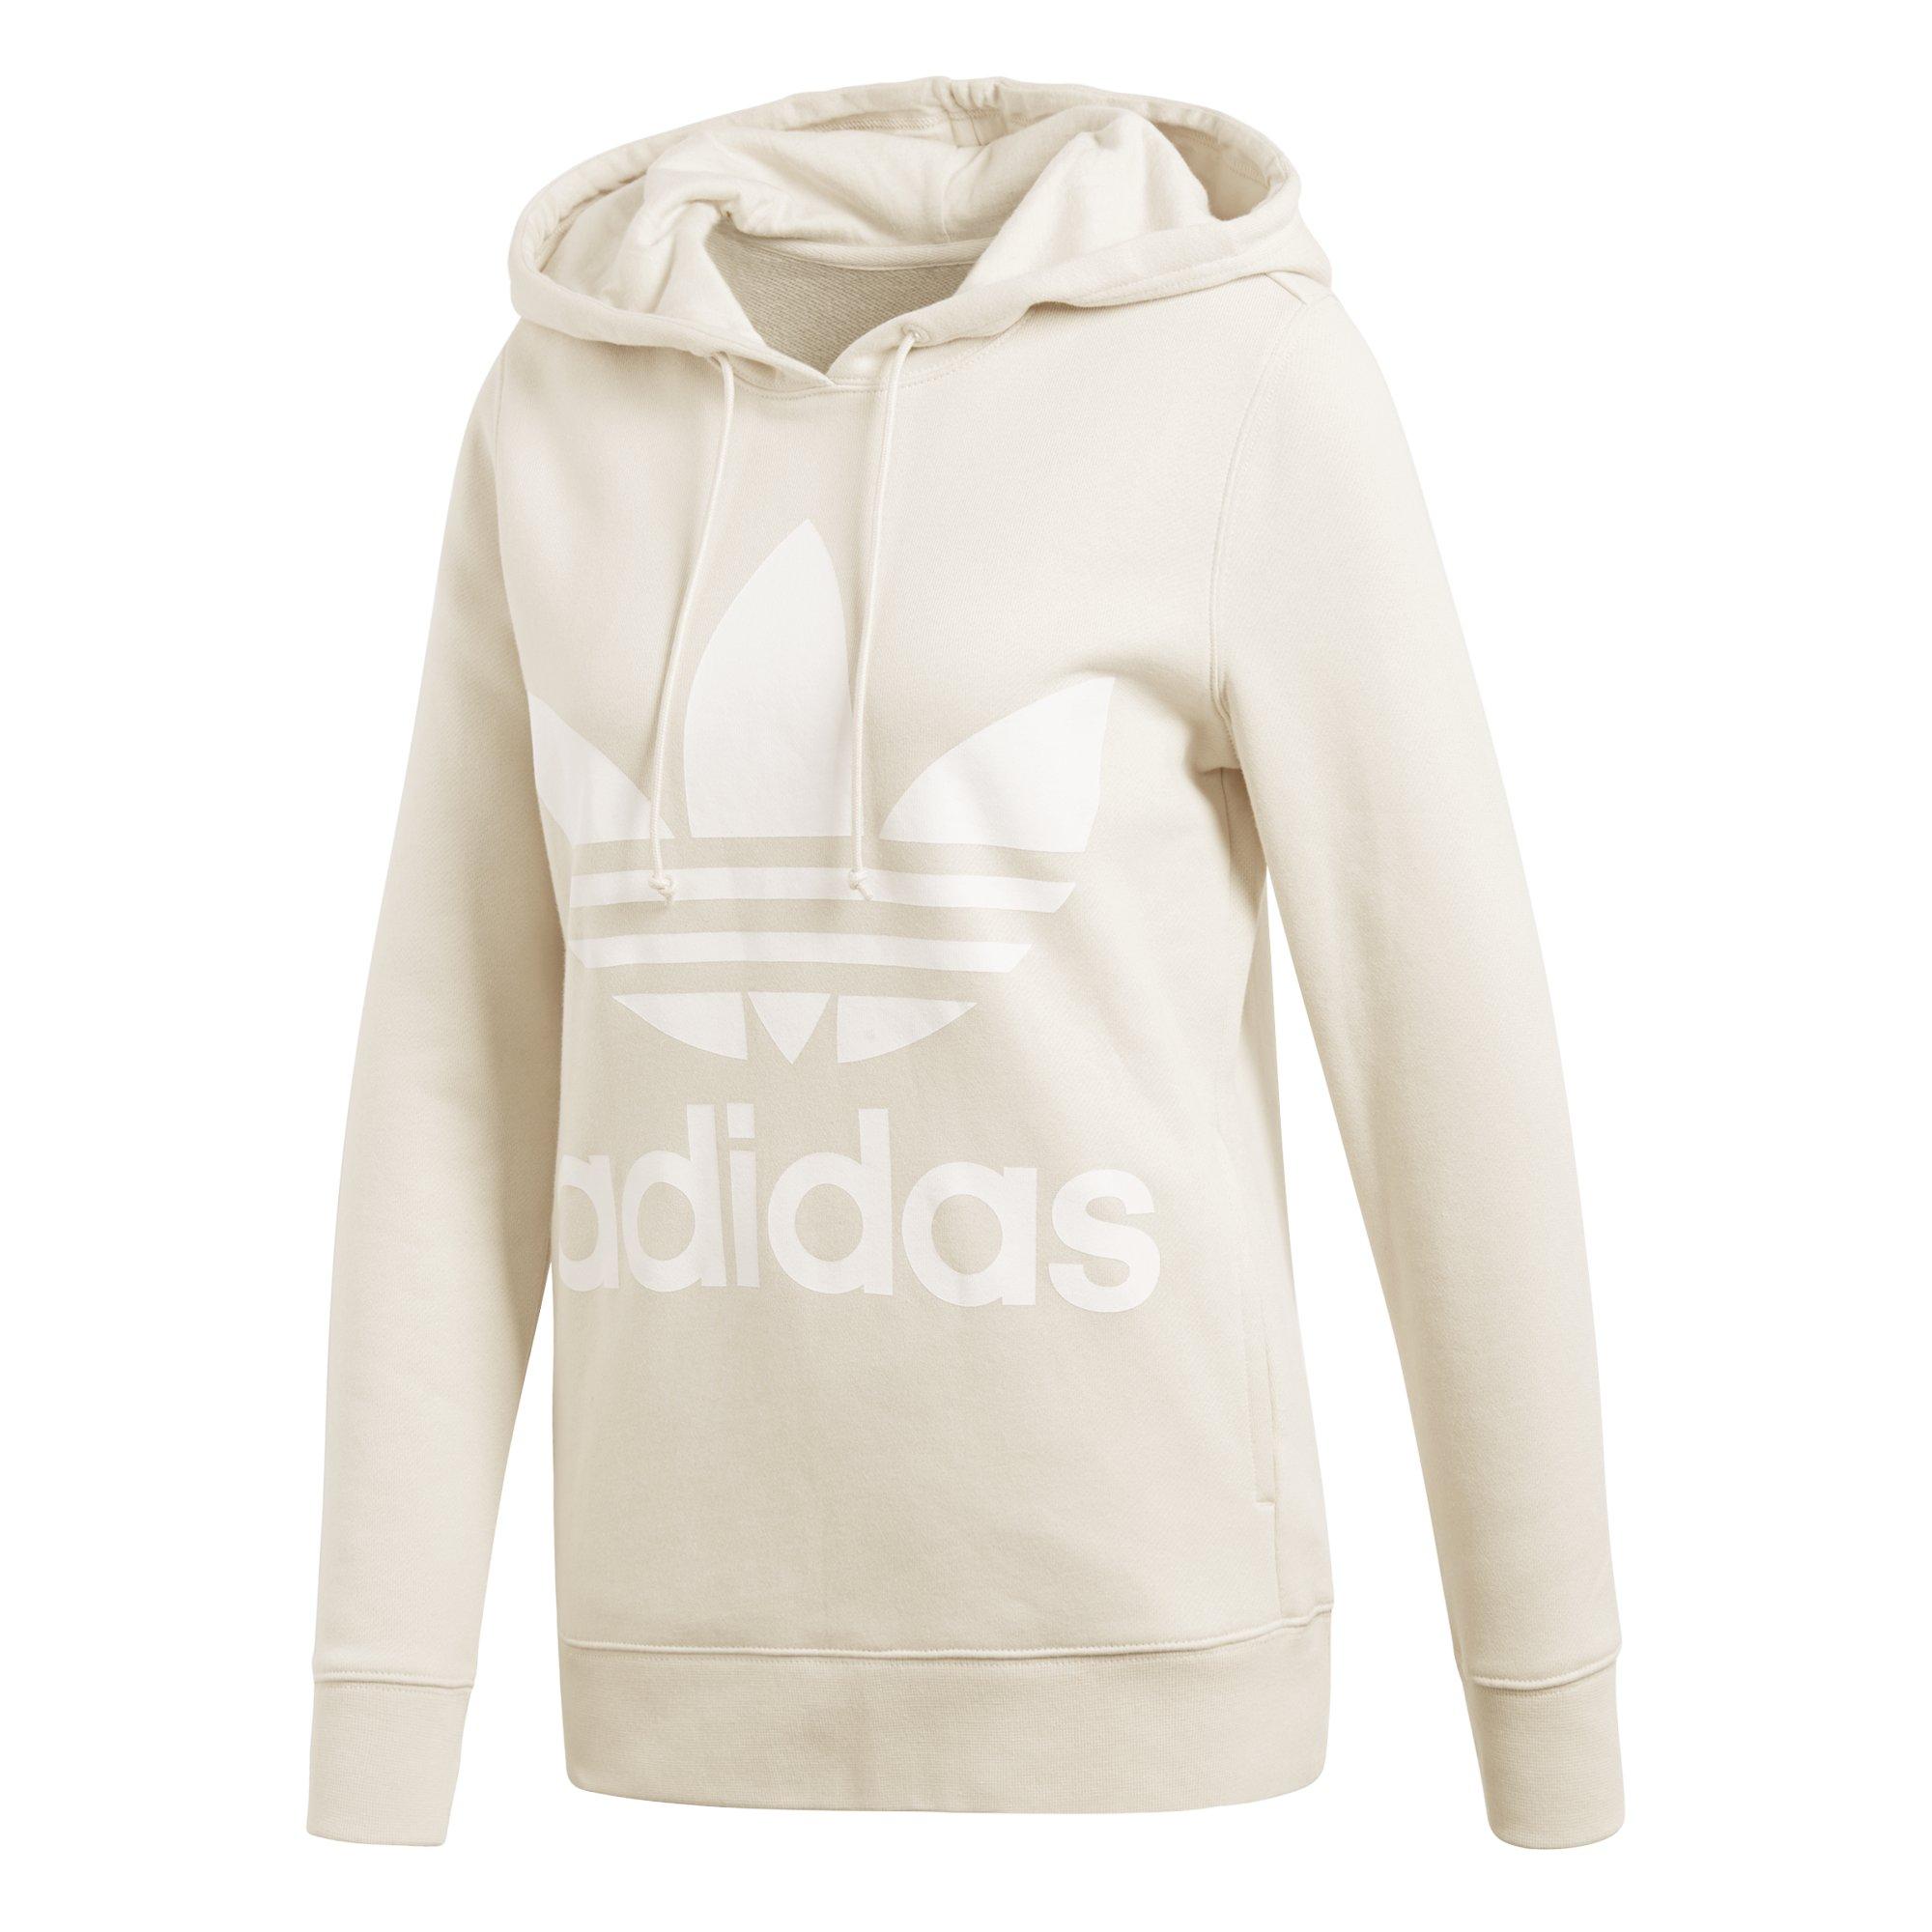 14a995c46 Bluza adidas ORIGINALS TREFOIL (CE2414) r.42 - 7220167934 ...